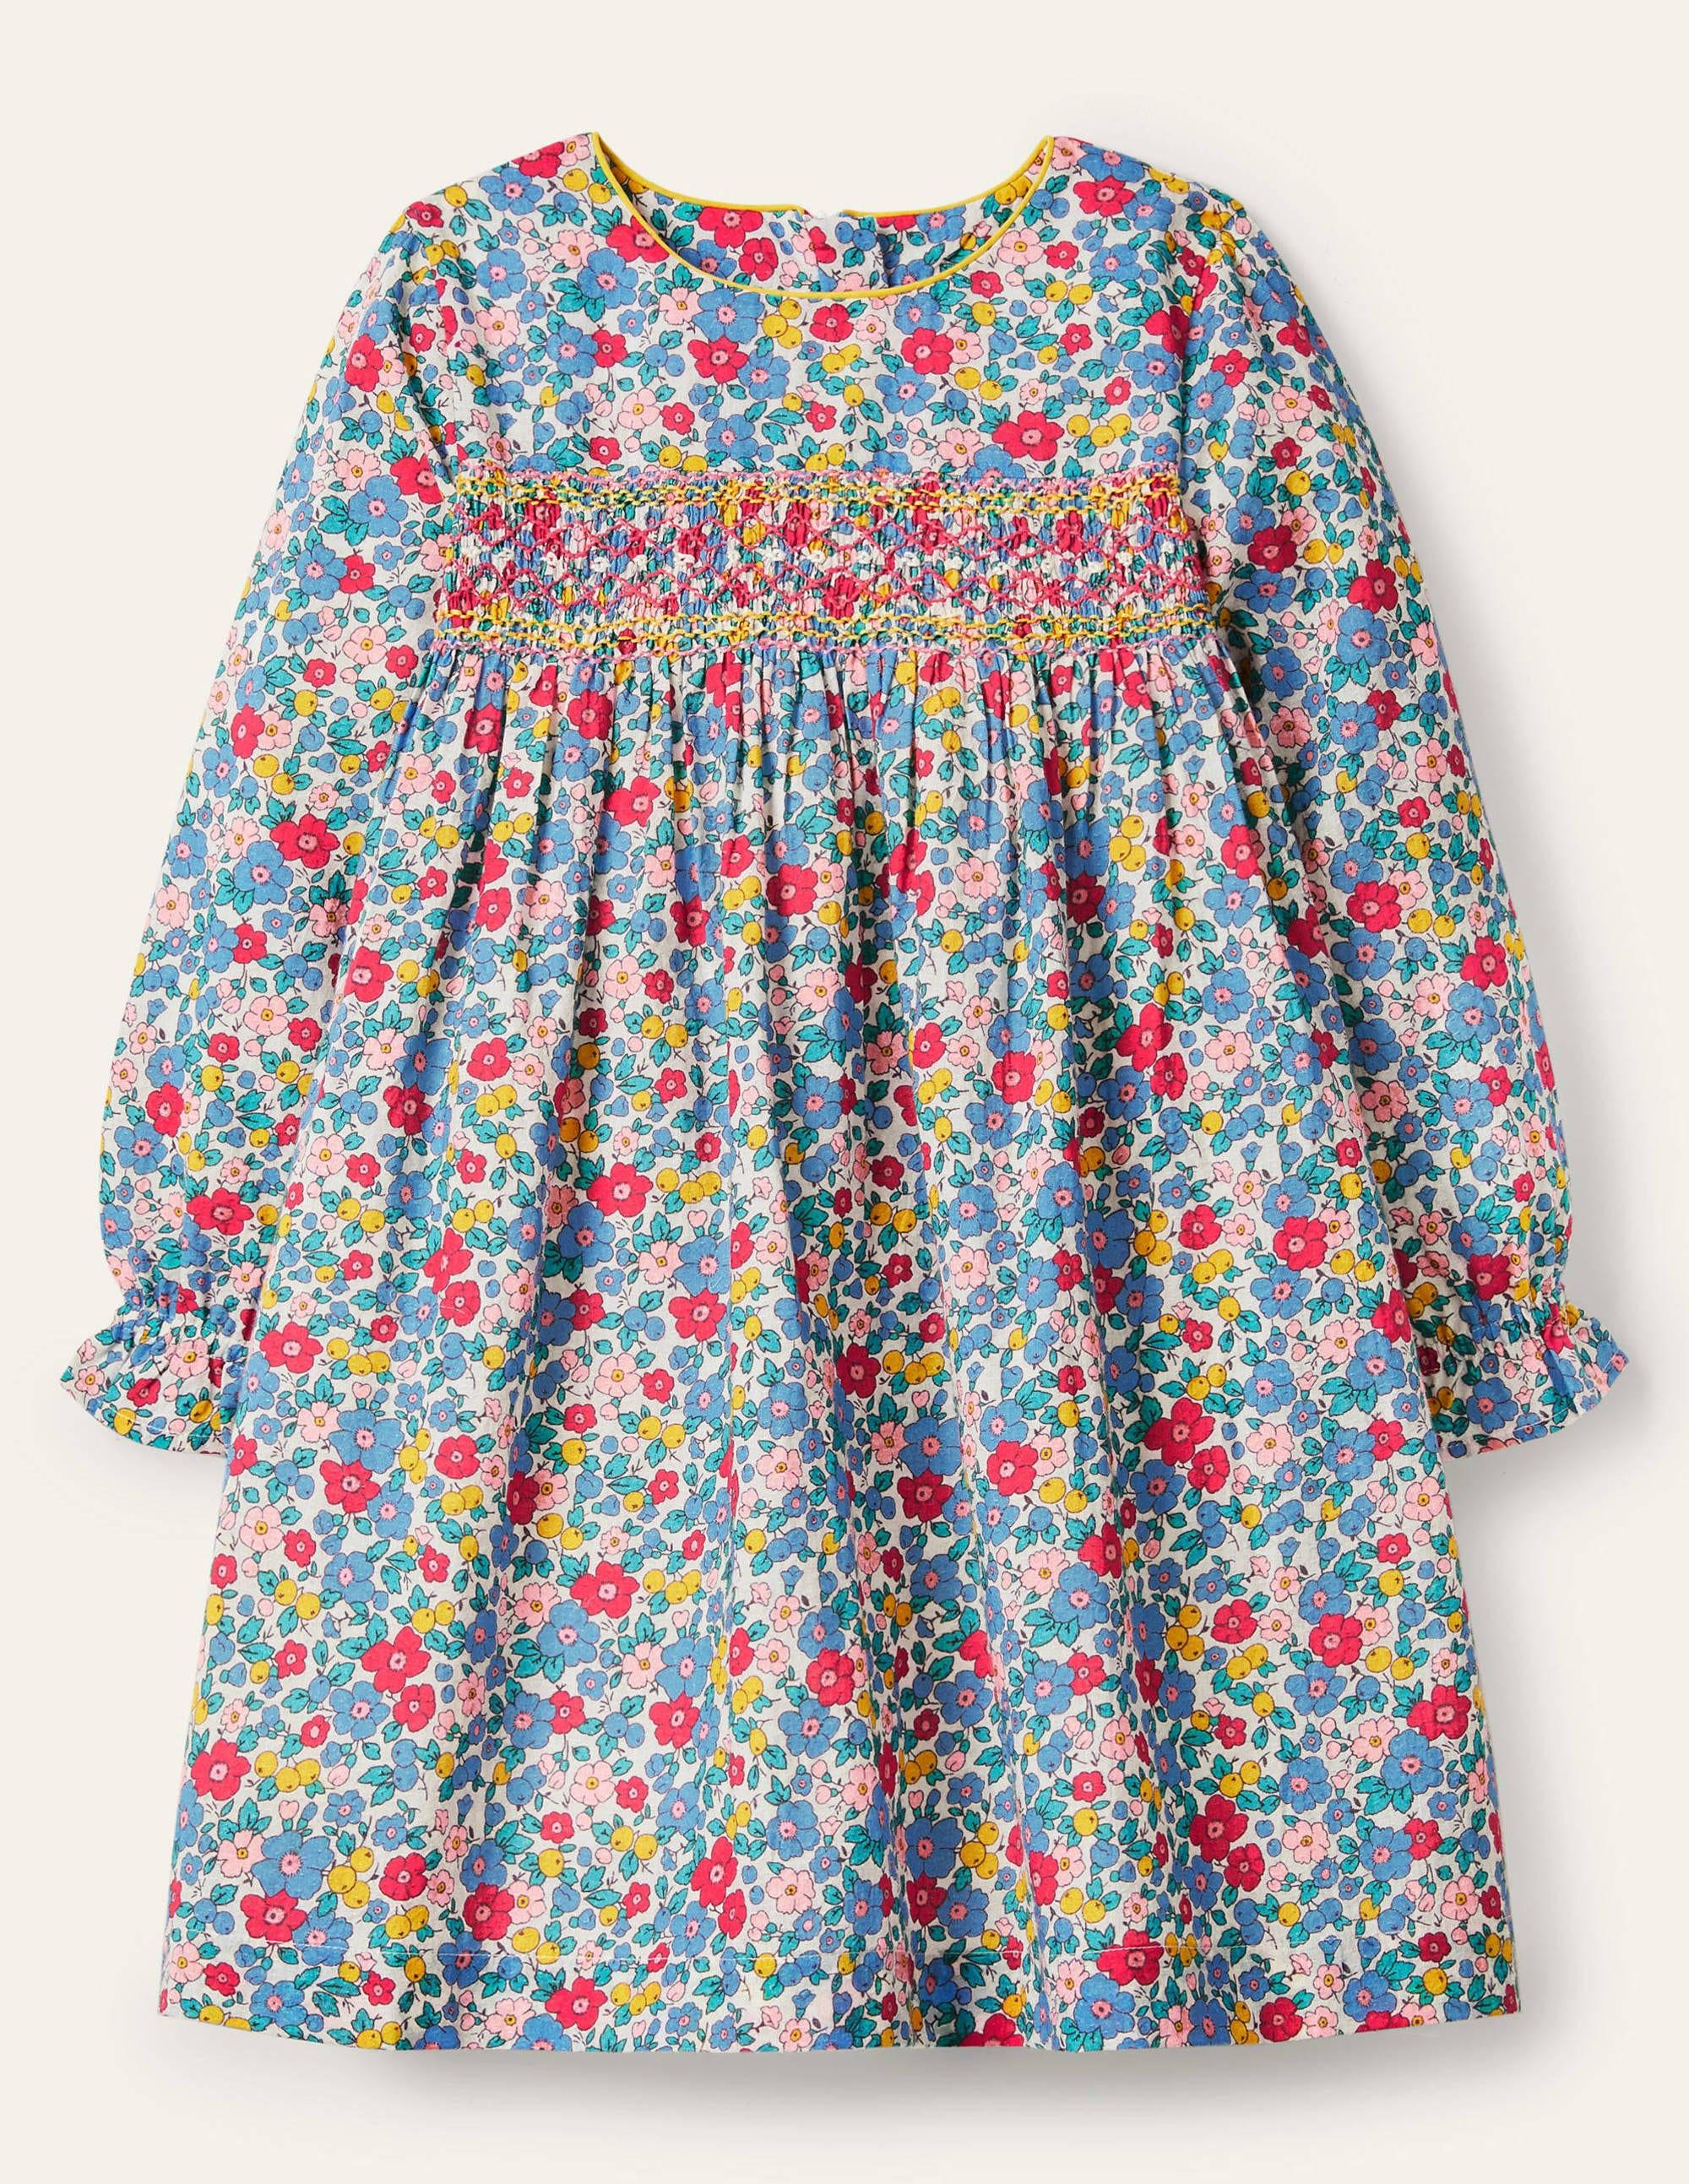 Boden Smocked Dress - Multi Apple Blossom Floral